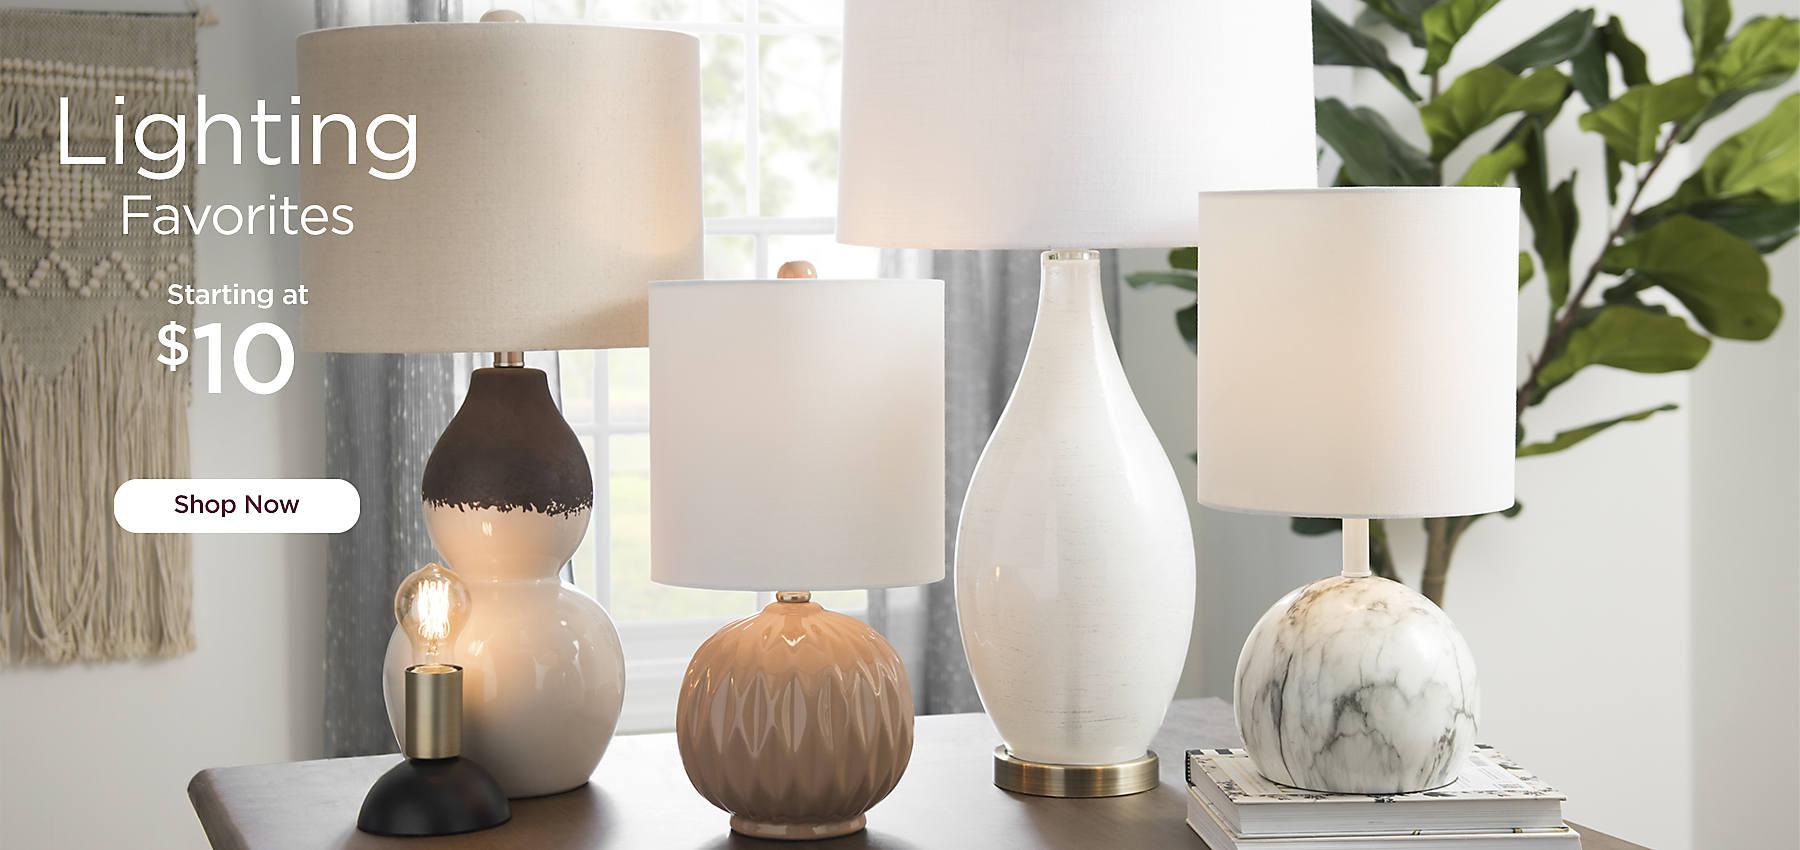 Lighting Favorites Starting at $10 - Shop Now